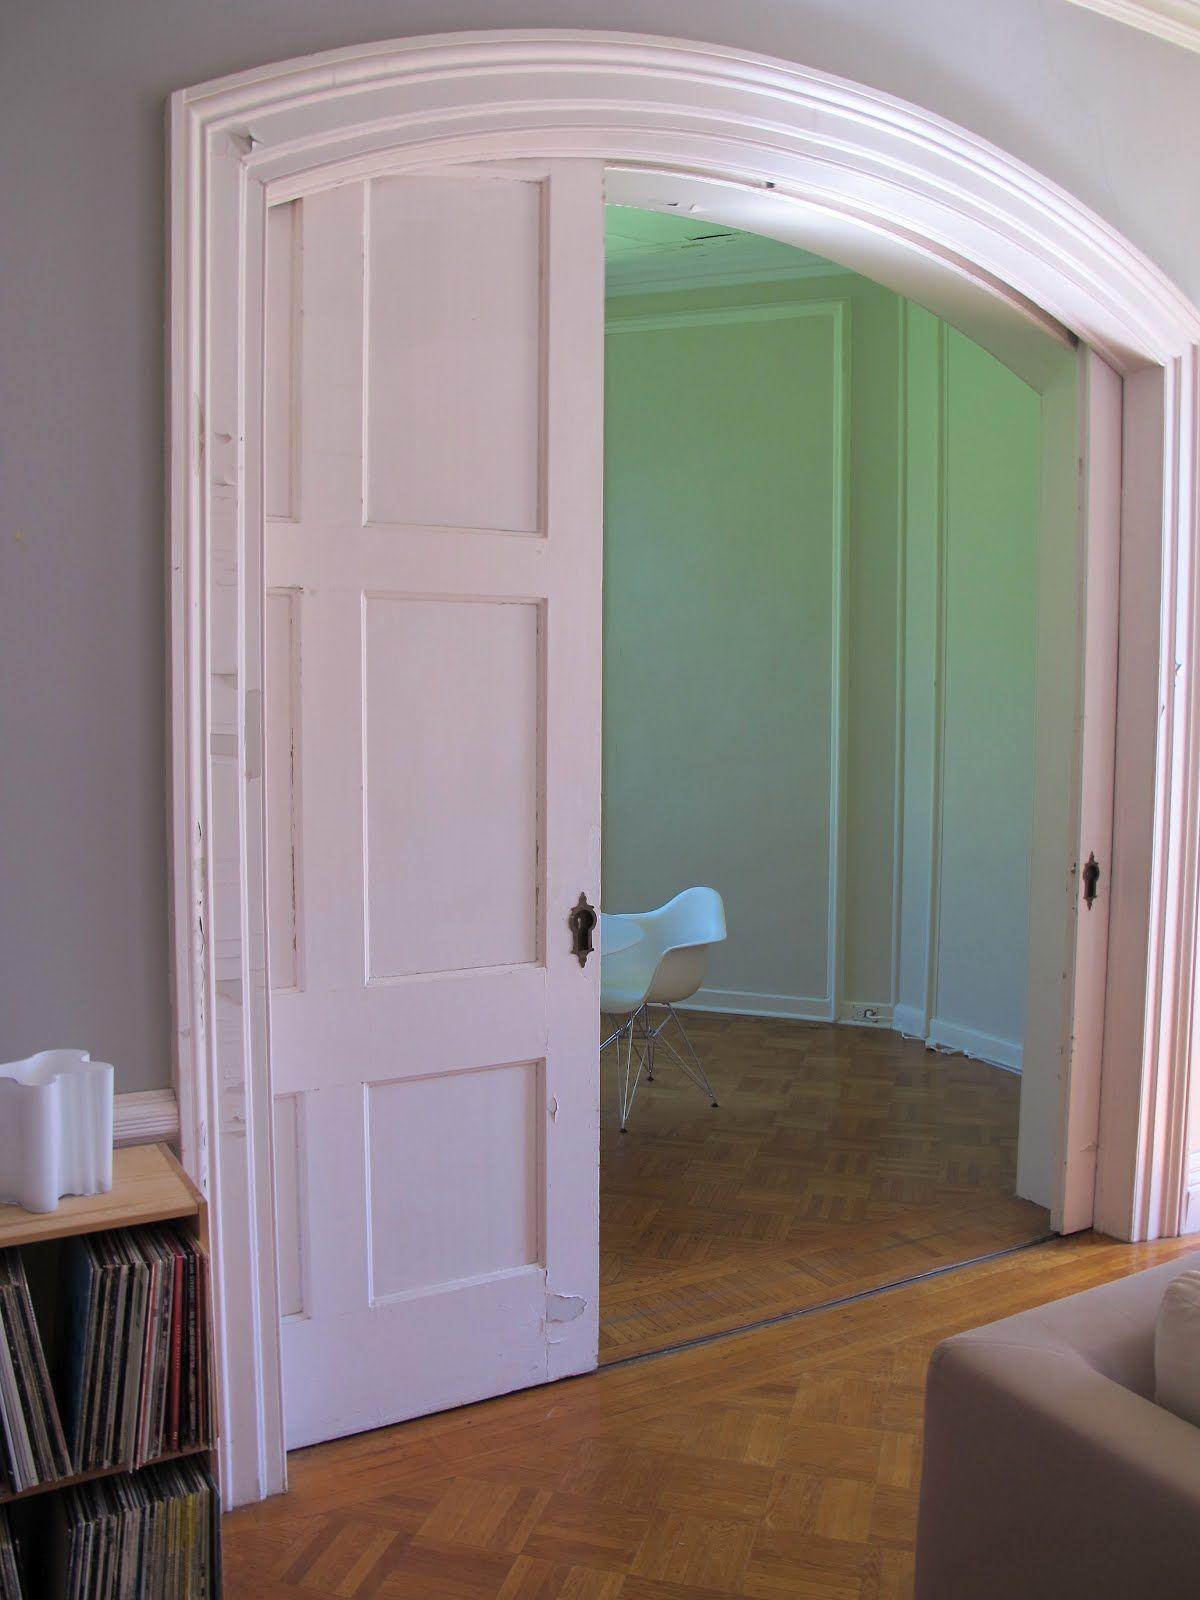 Graceful Arched Doorway Pocket Doors French Doors Interior Home